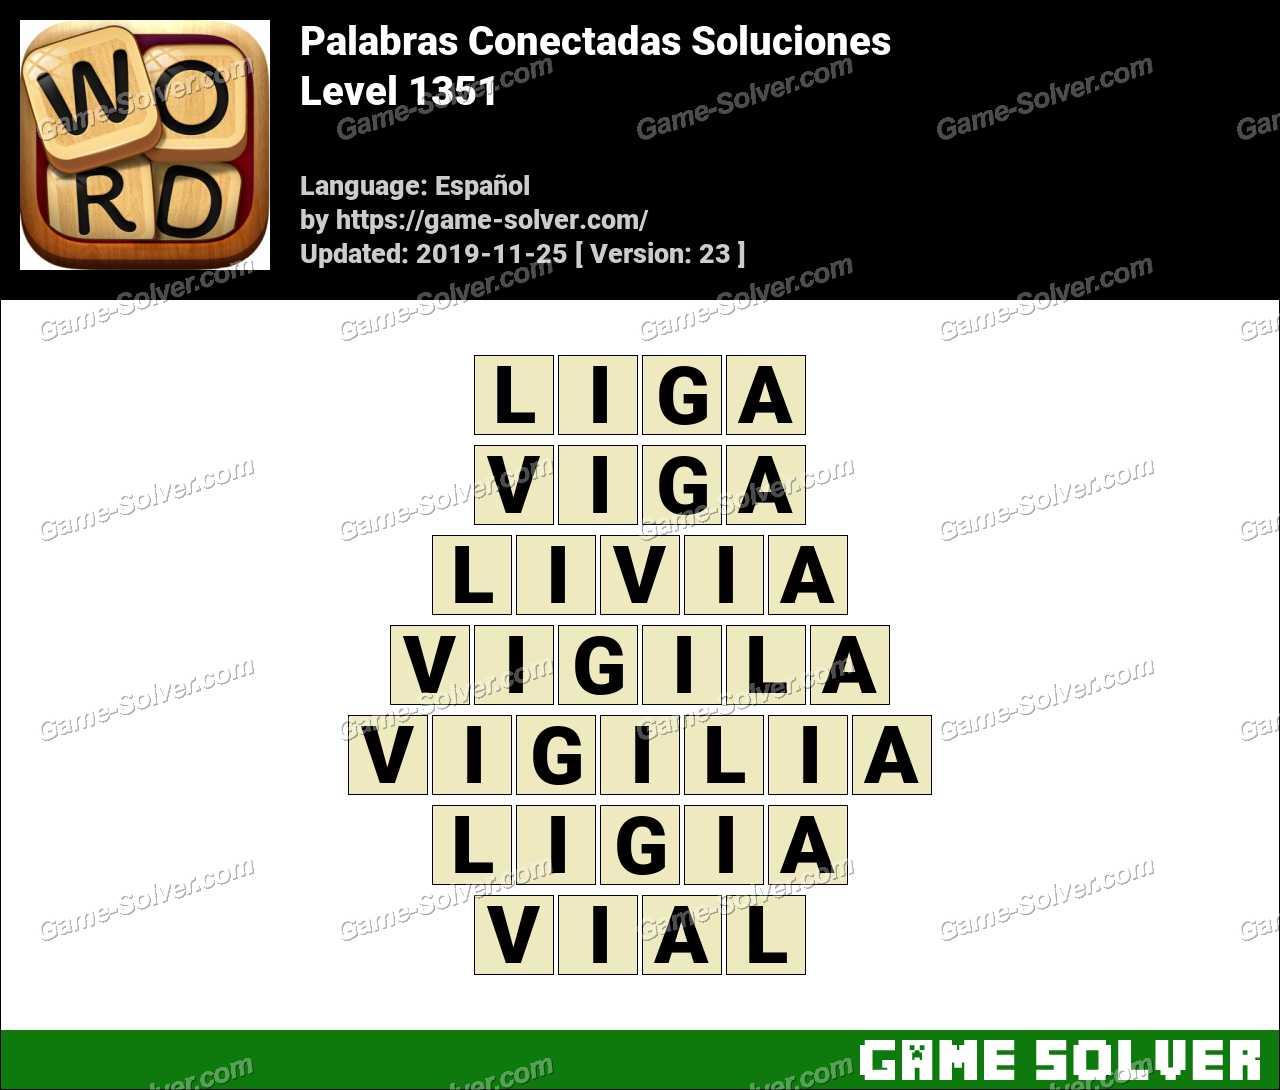 Palabras Conectadas Nivel 1351 Soluciones